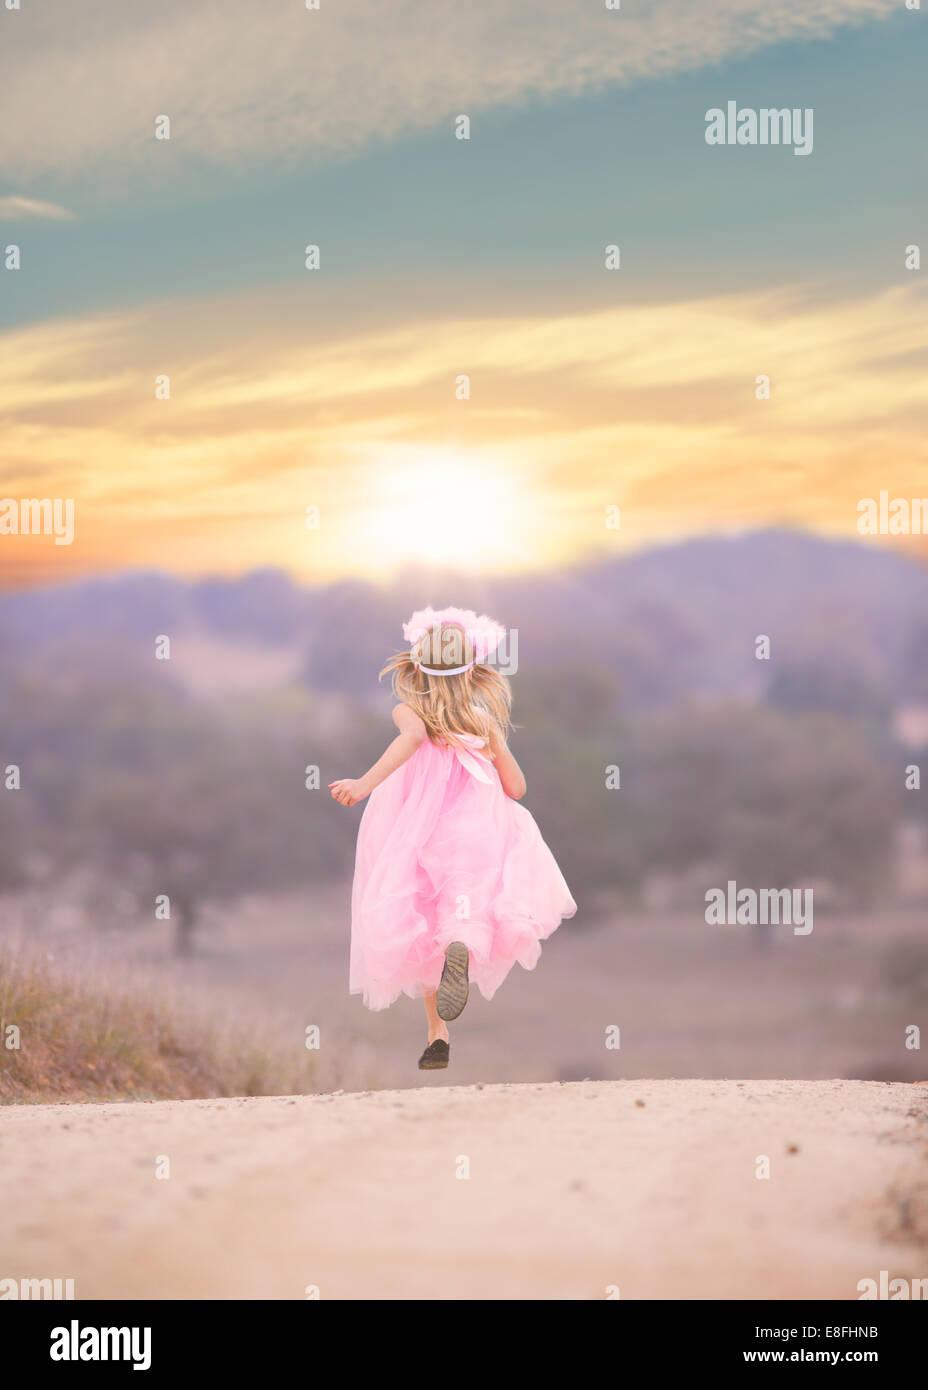 Mädchen tragen rosa Kleid, die Straße runter laufen Stockbild